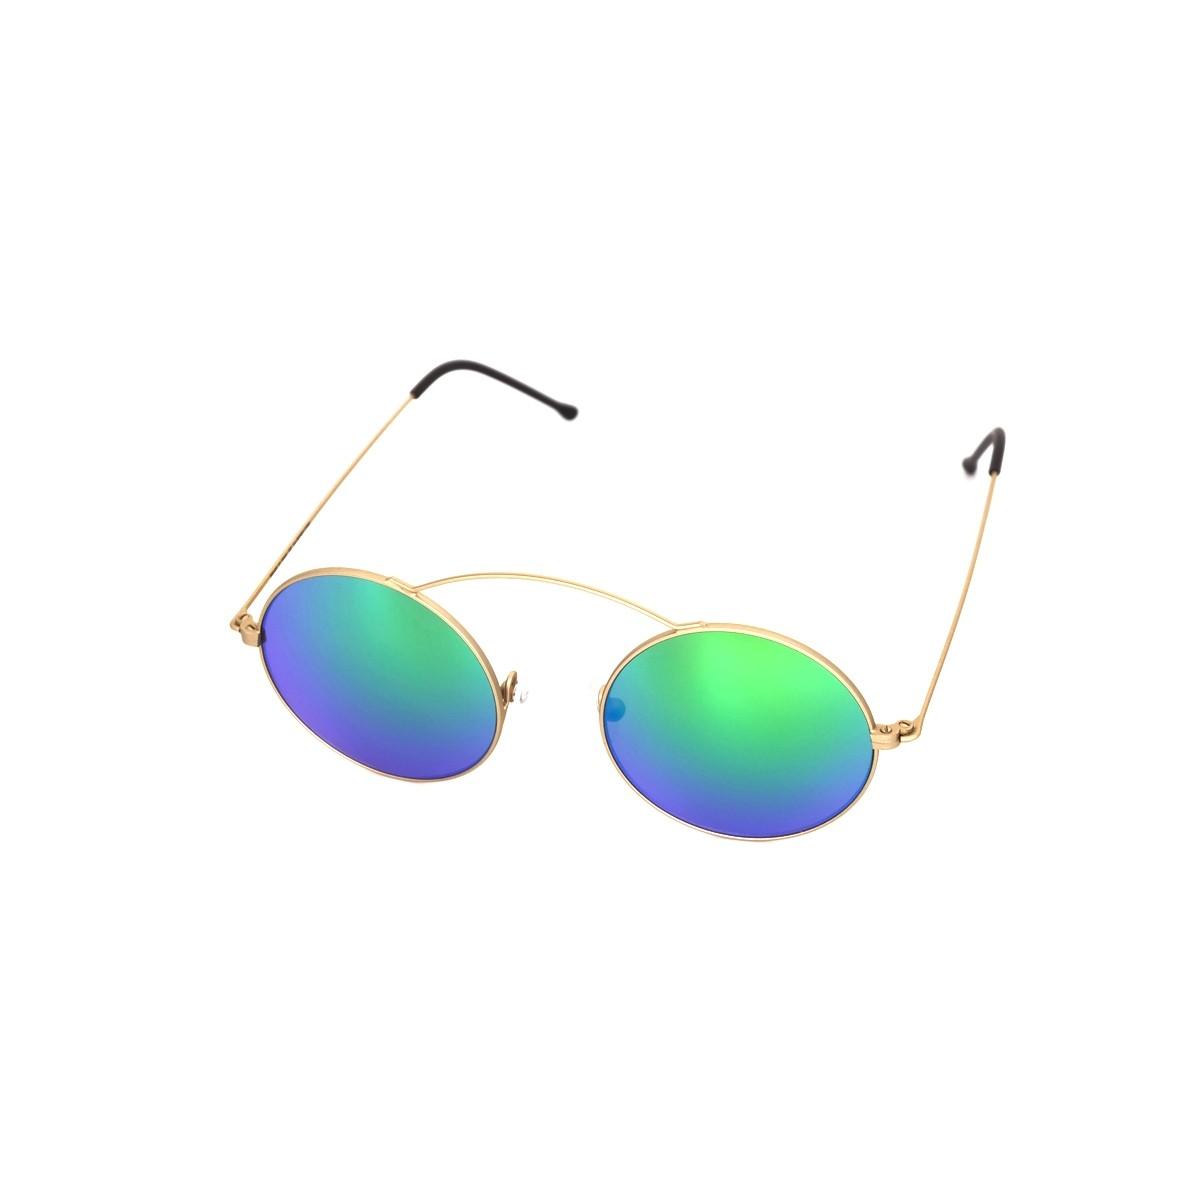 Spektre Metro Oro satinato verde specchio, 88,00€, Occhiali Spektre Oro a forma Rotondo